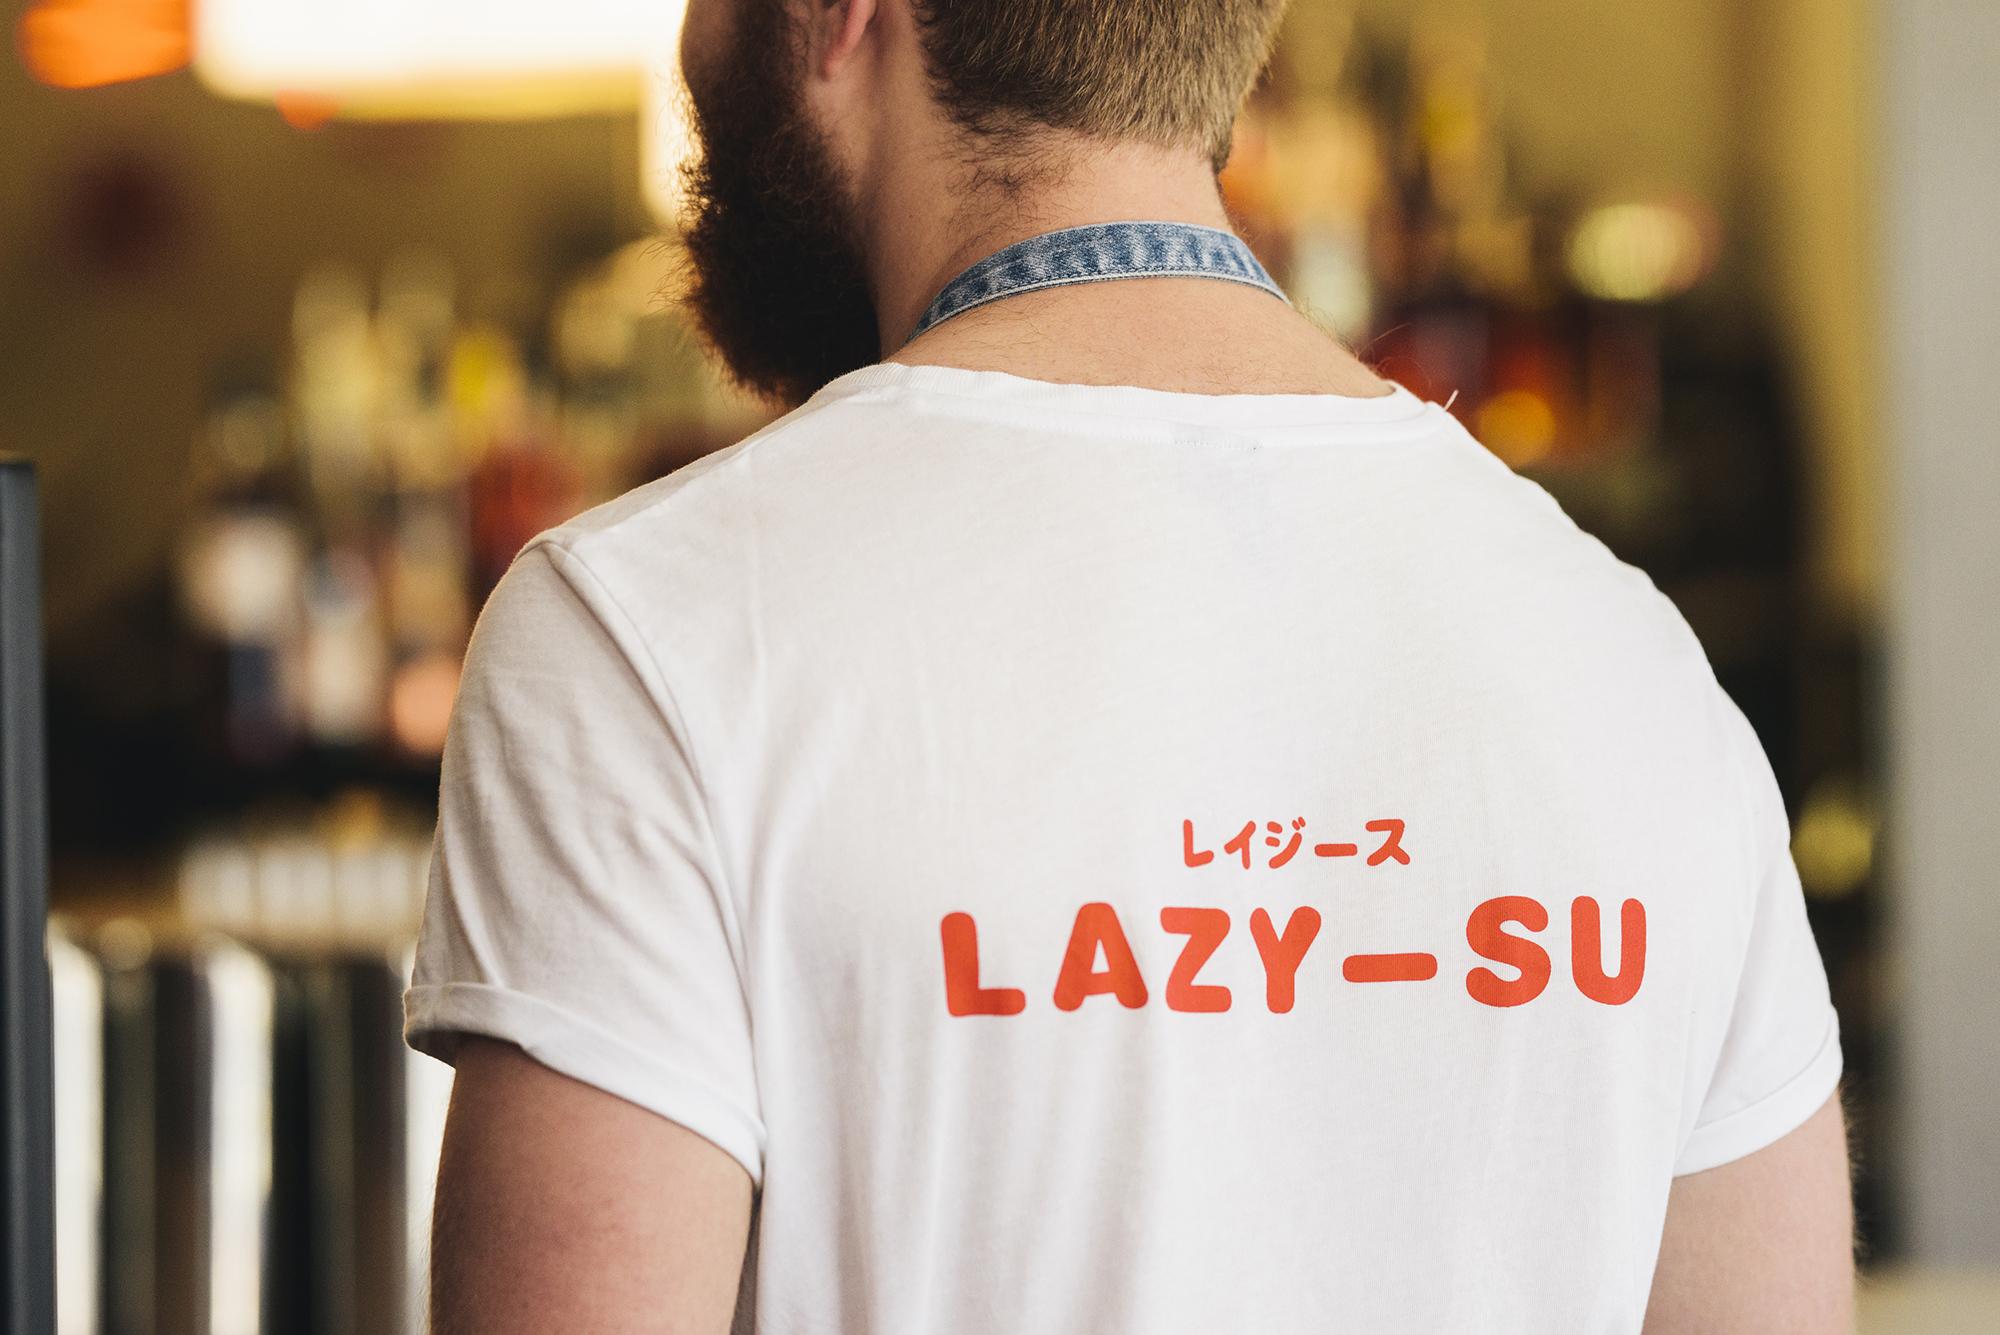 6_LazySu_lores.jpg